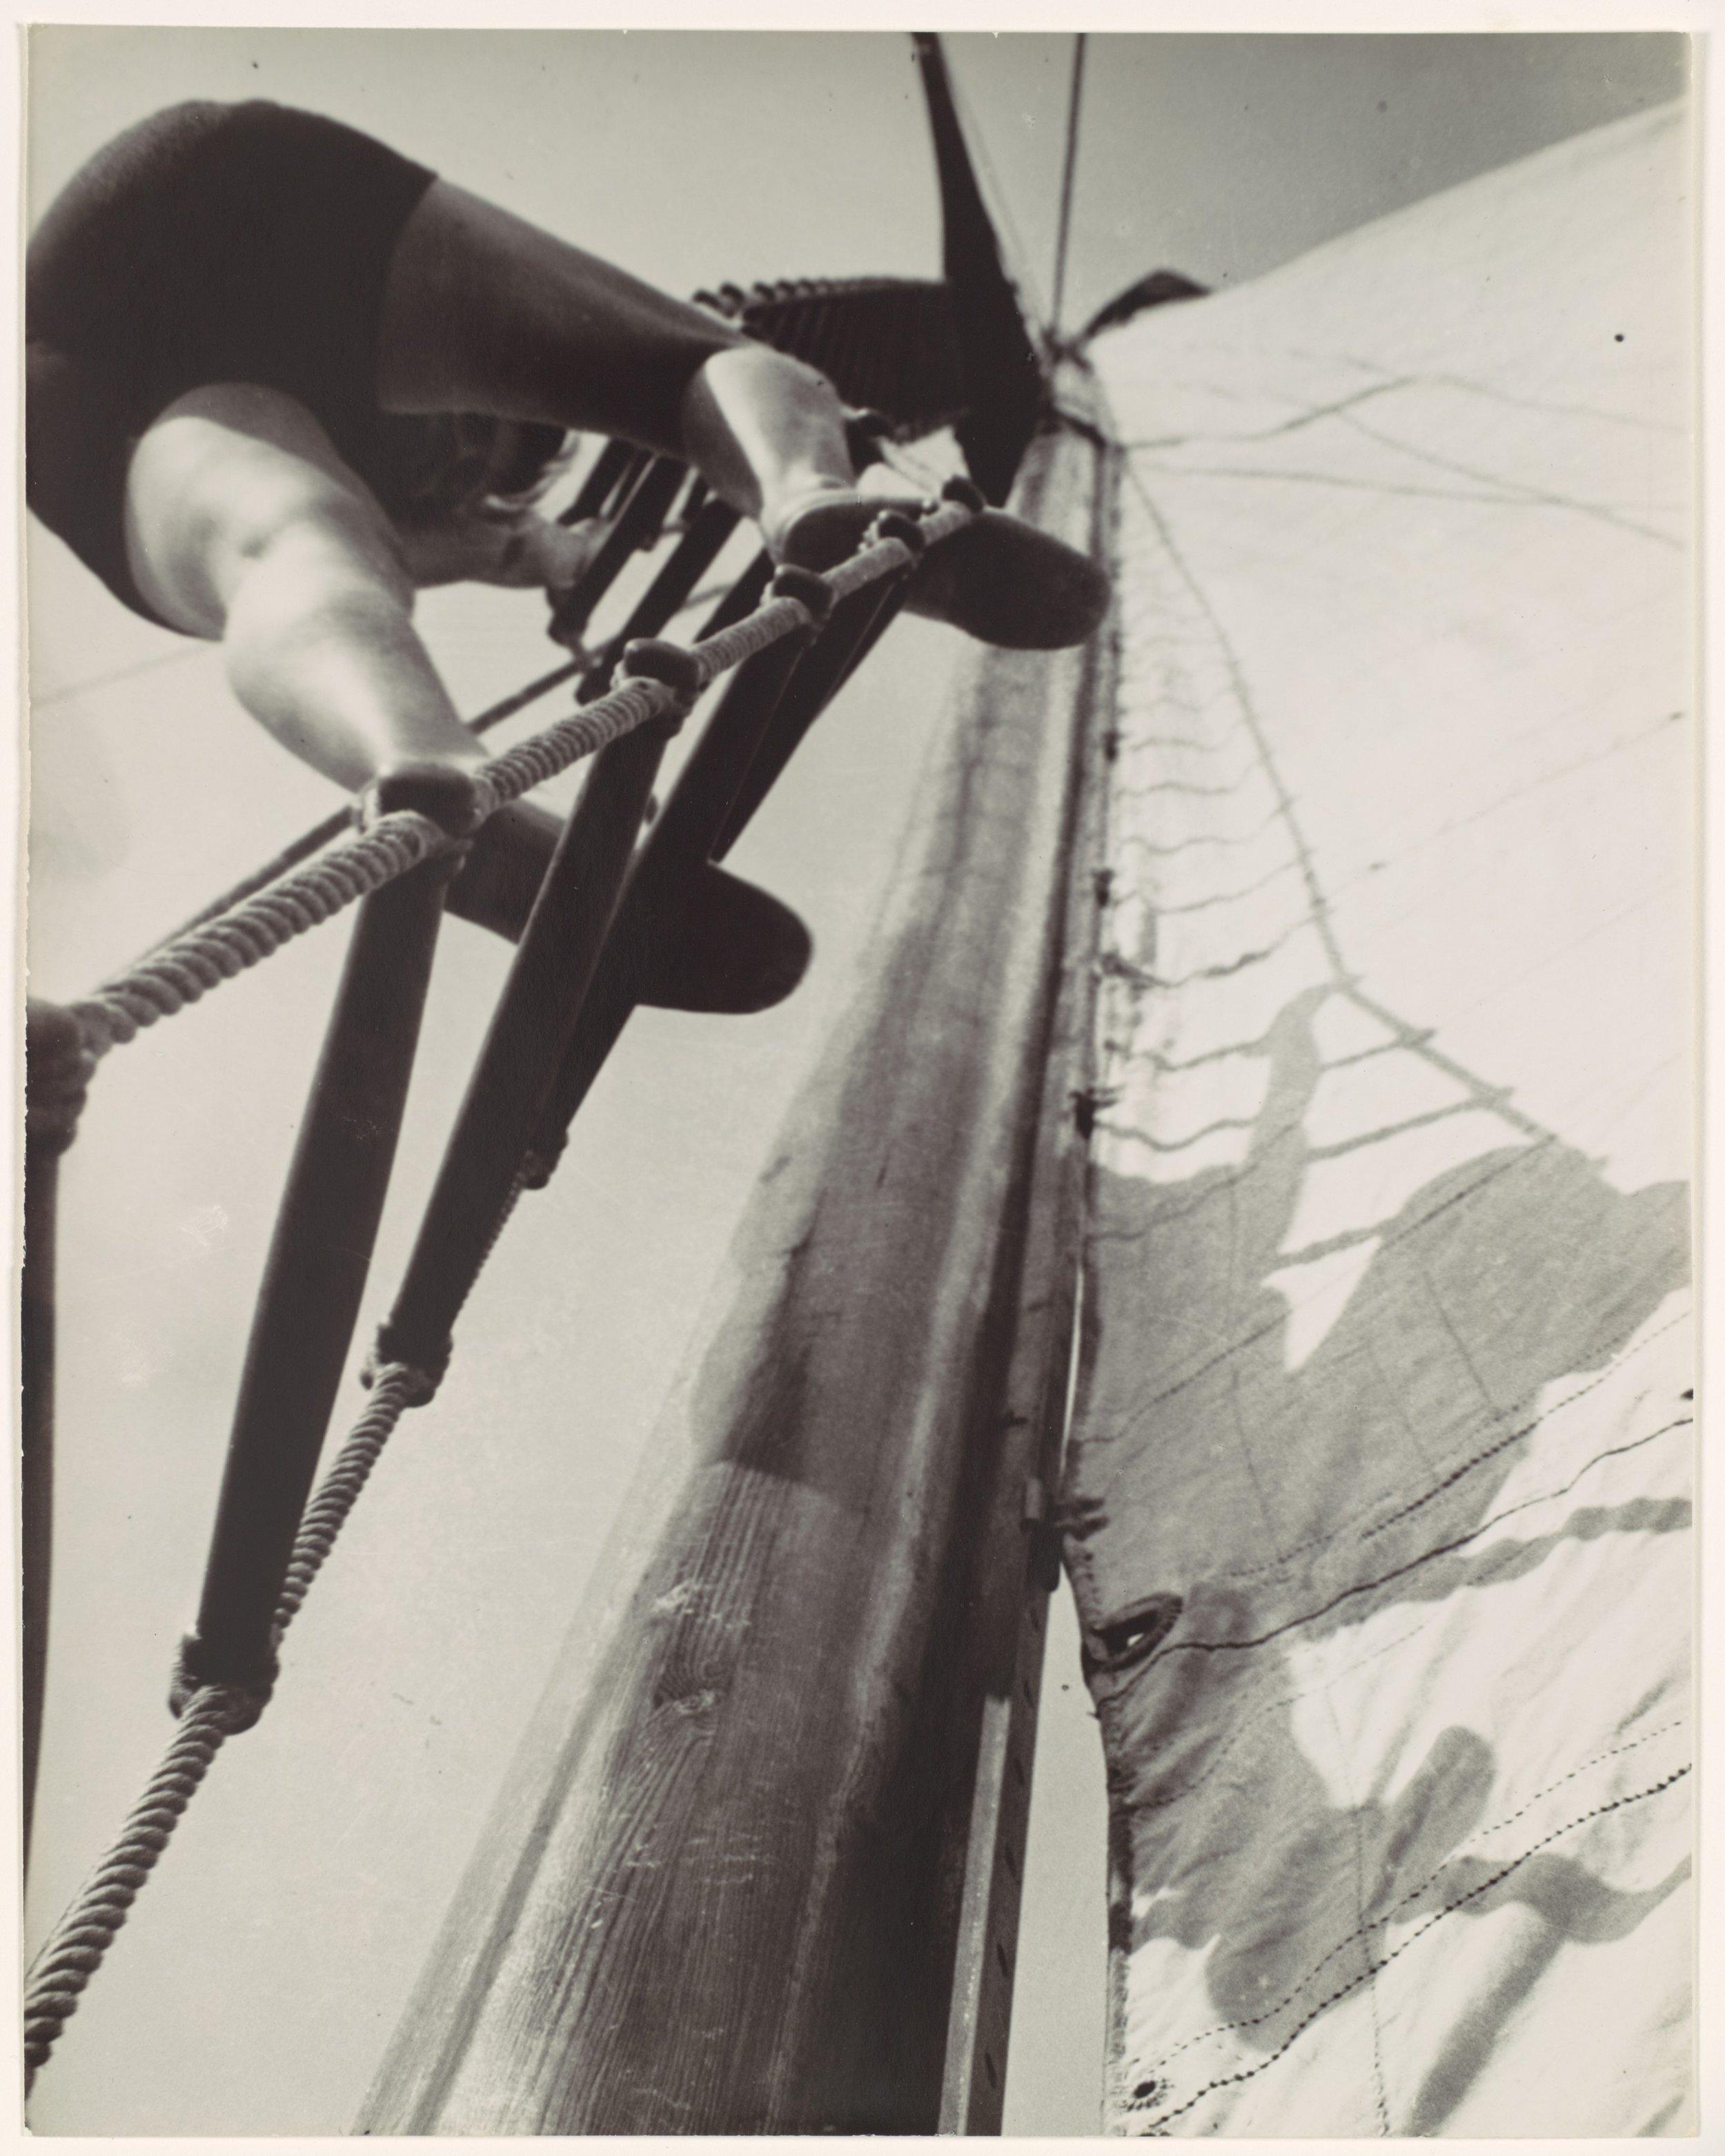 László Moholy-Nagy - [Climbing the Mast] - Gelatin silver print - 1928